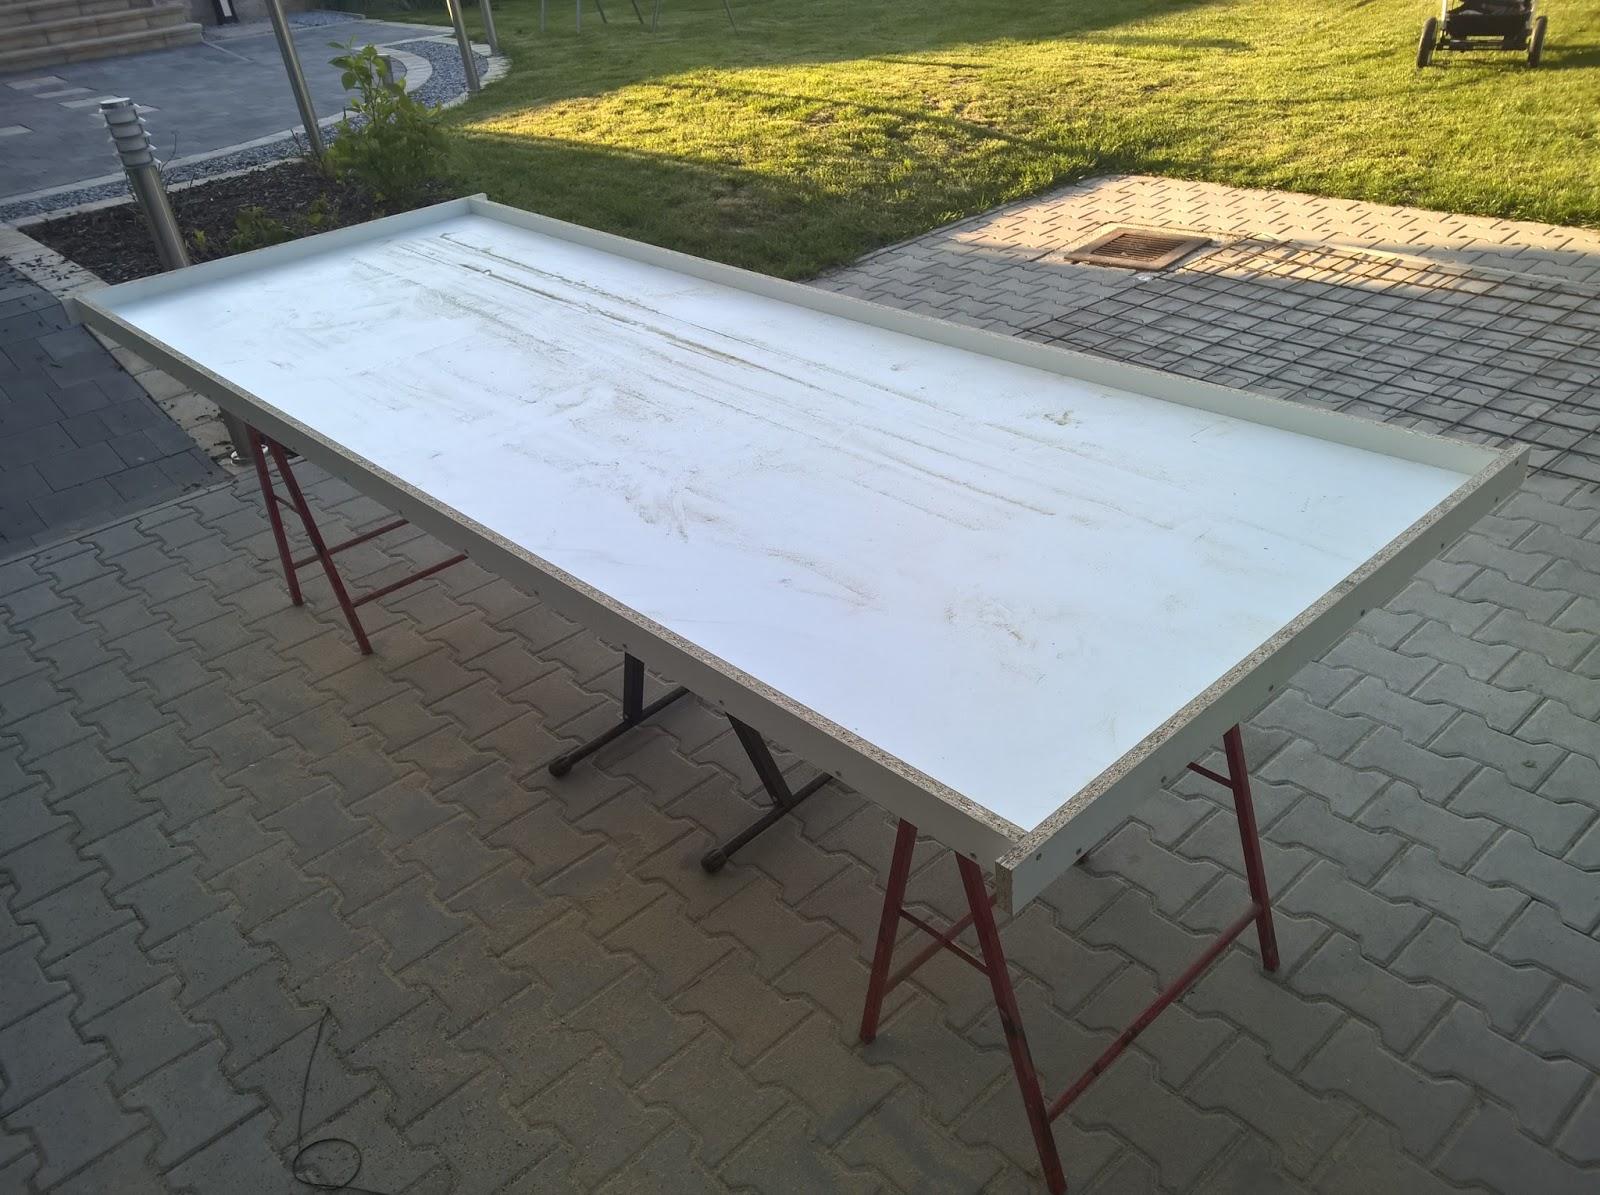 holz und metall ein heimwerkerblog terrassentisch selber bauen tischplatte. Black Bedroom Furniture Sets. Home Design Ideas